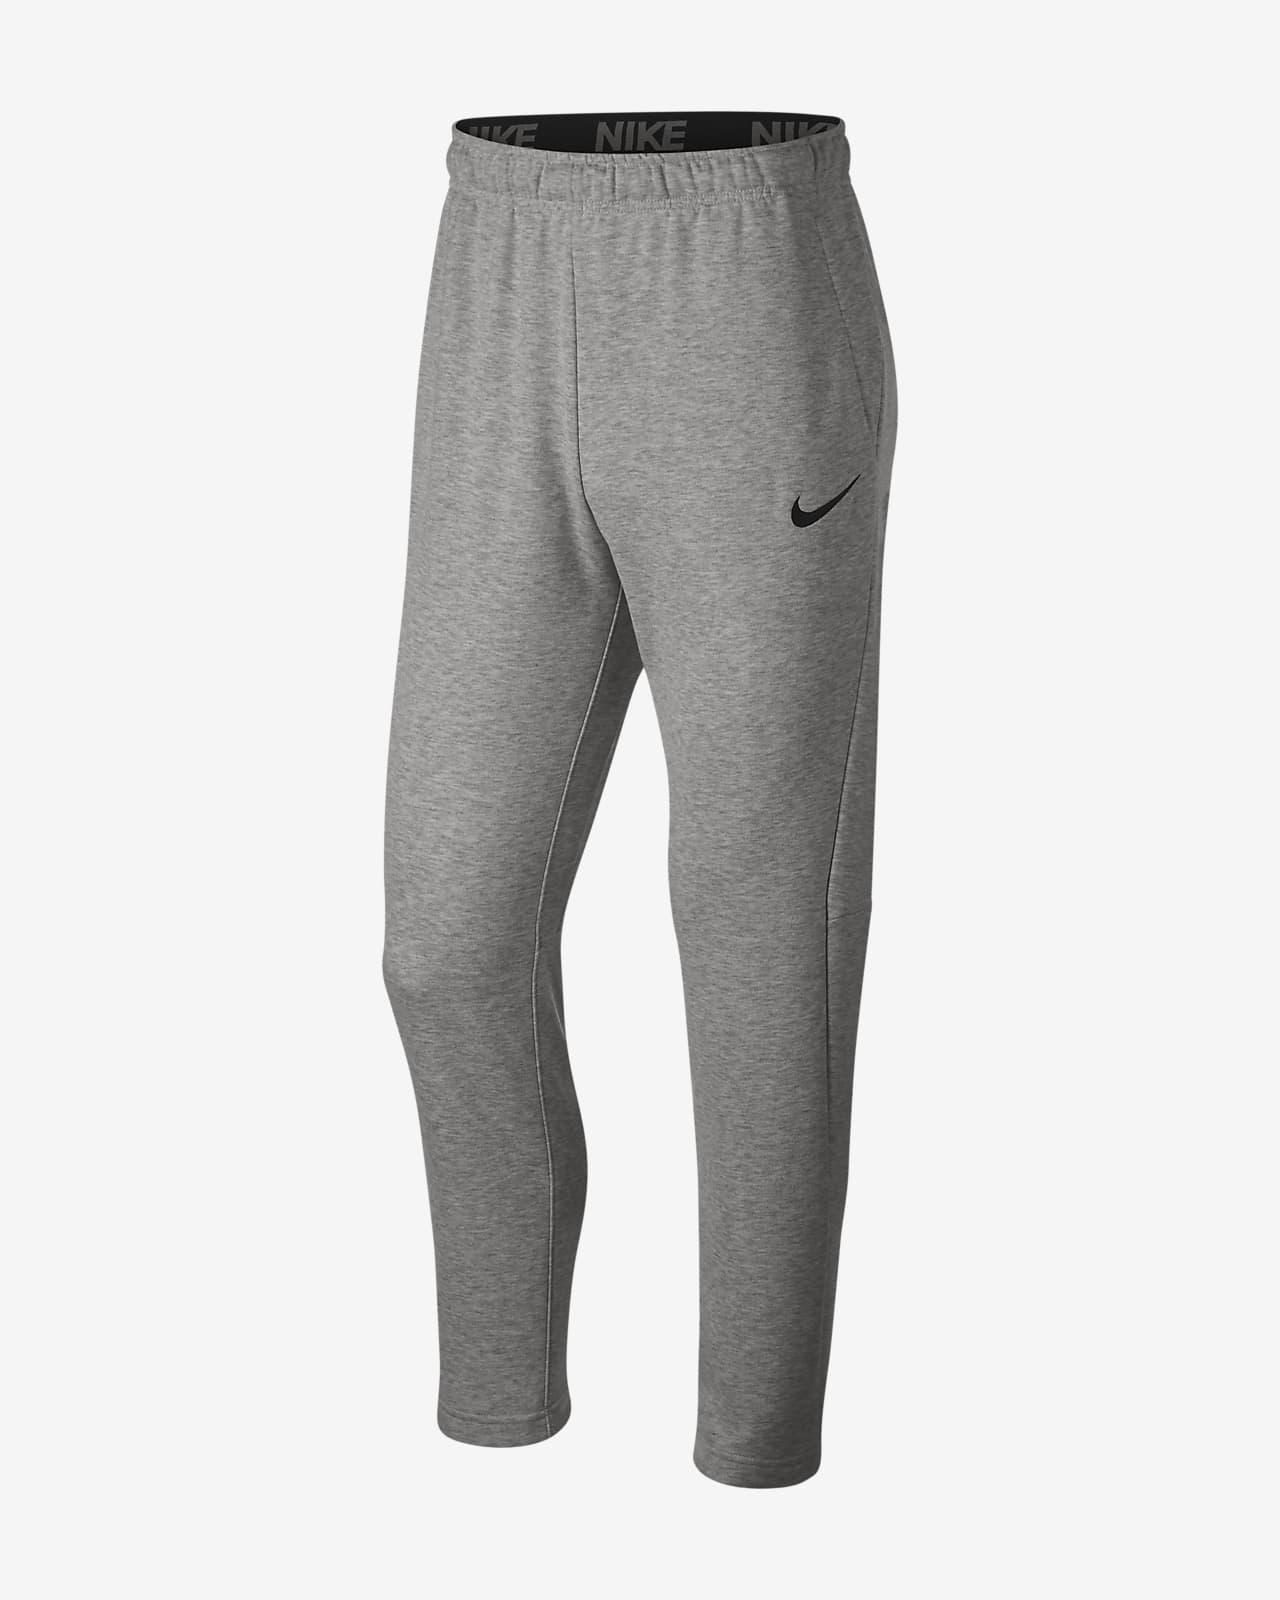 Pantalones de entrenamiento para hombre Nike Dri-FIT